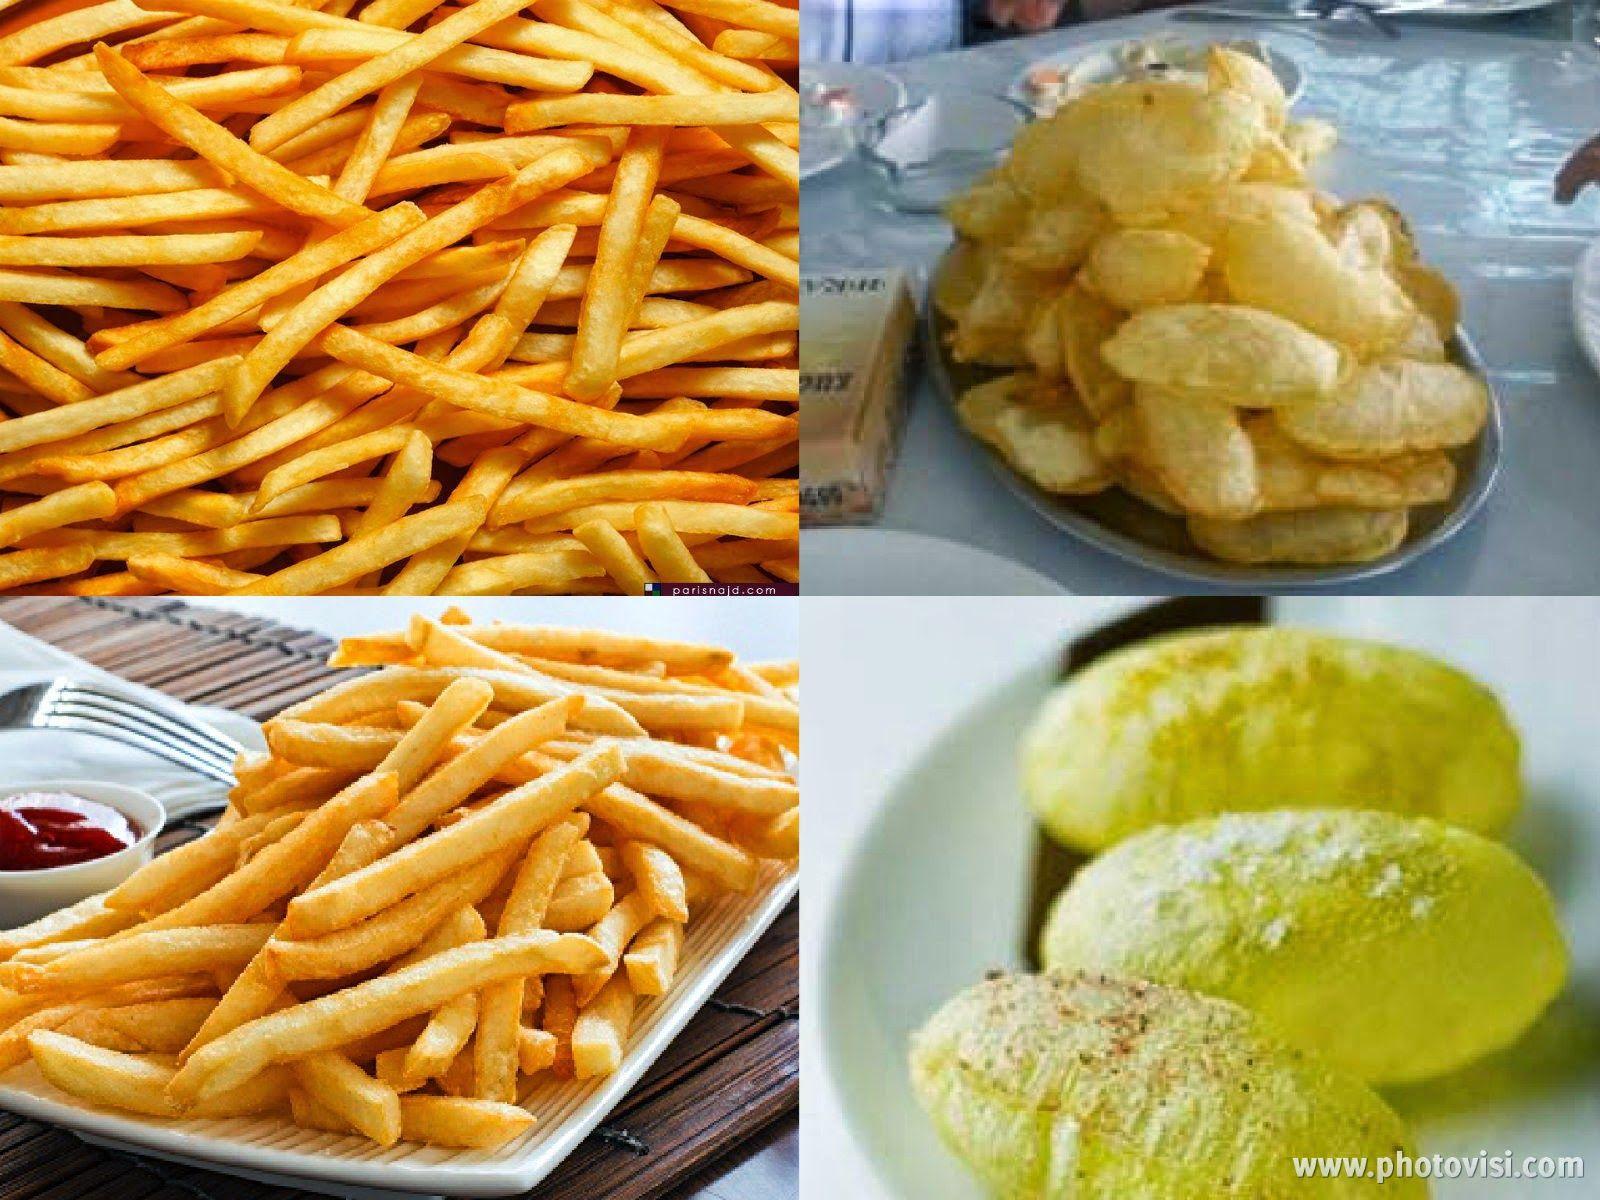 طريقة عمل البطاطس المنفوخة طريقه جديده لعمل البطاطس المحمره اللذيذه من غير ولا نقطه زيت Middle East Recipes Cooking Cooking Recipes